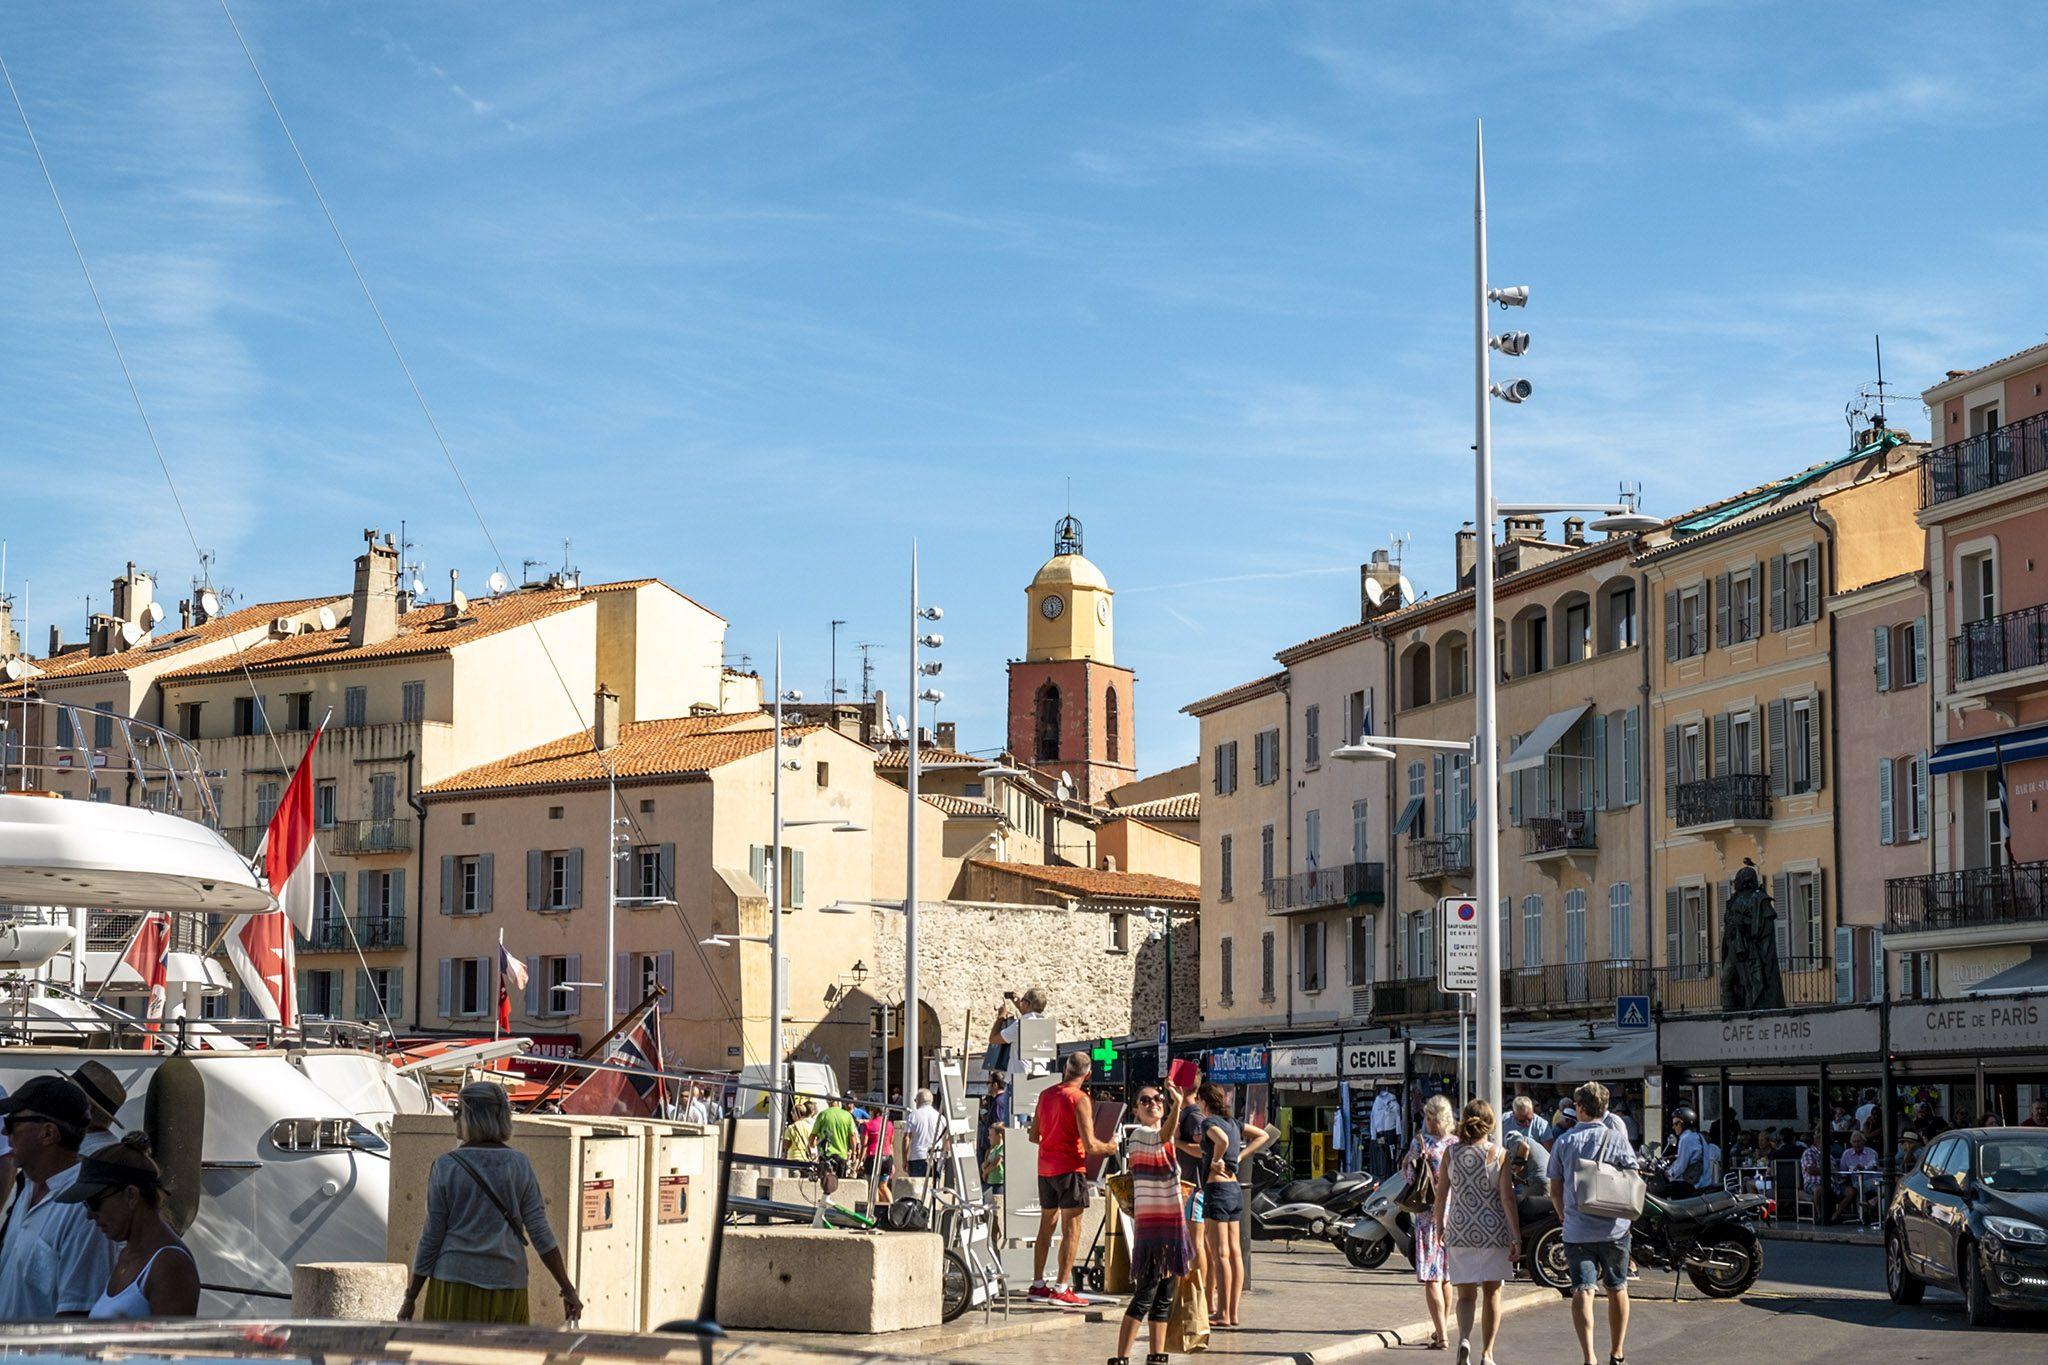 Der Glockenturm ragt über den Ort auf